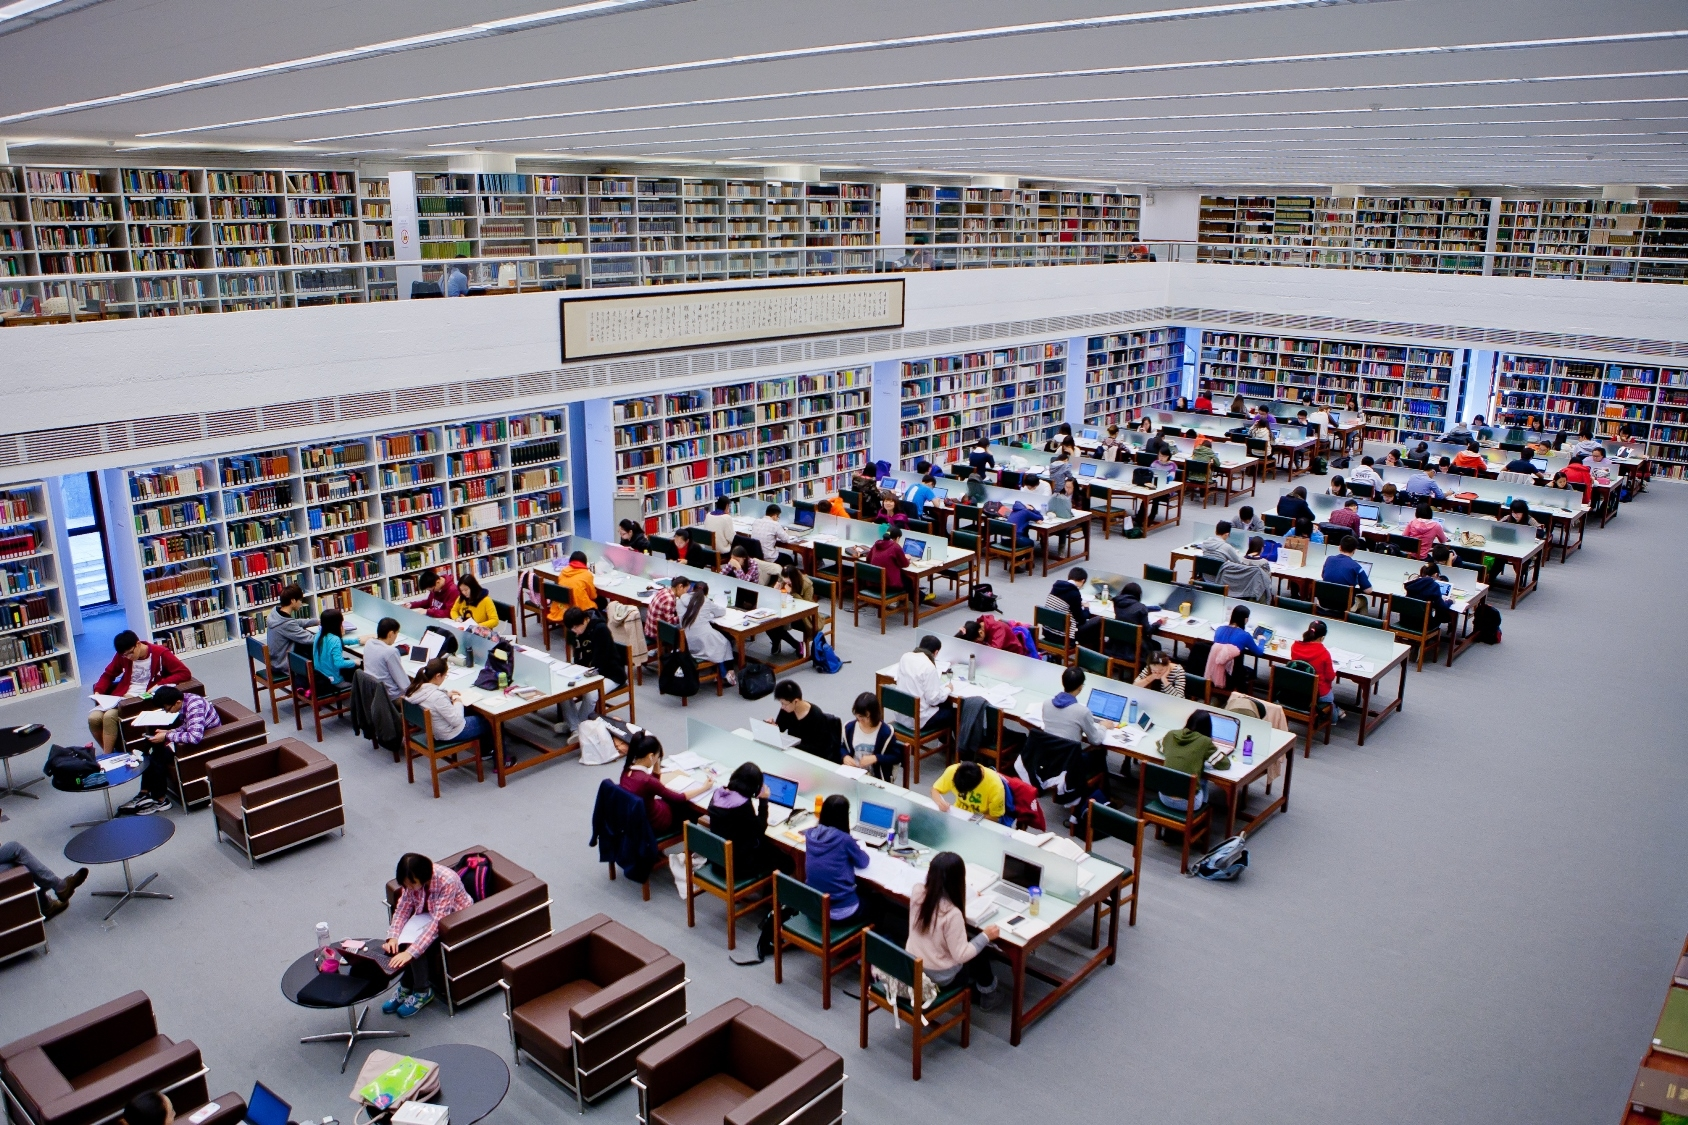 經過空間重組的閱覽室